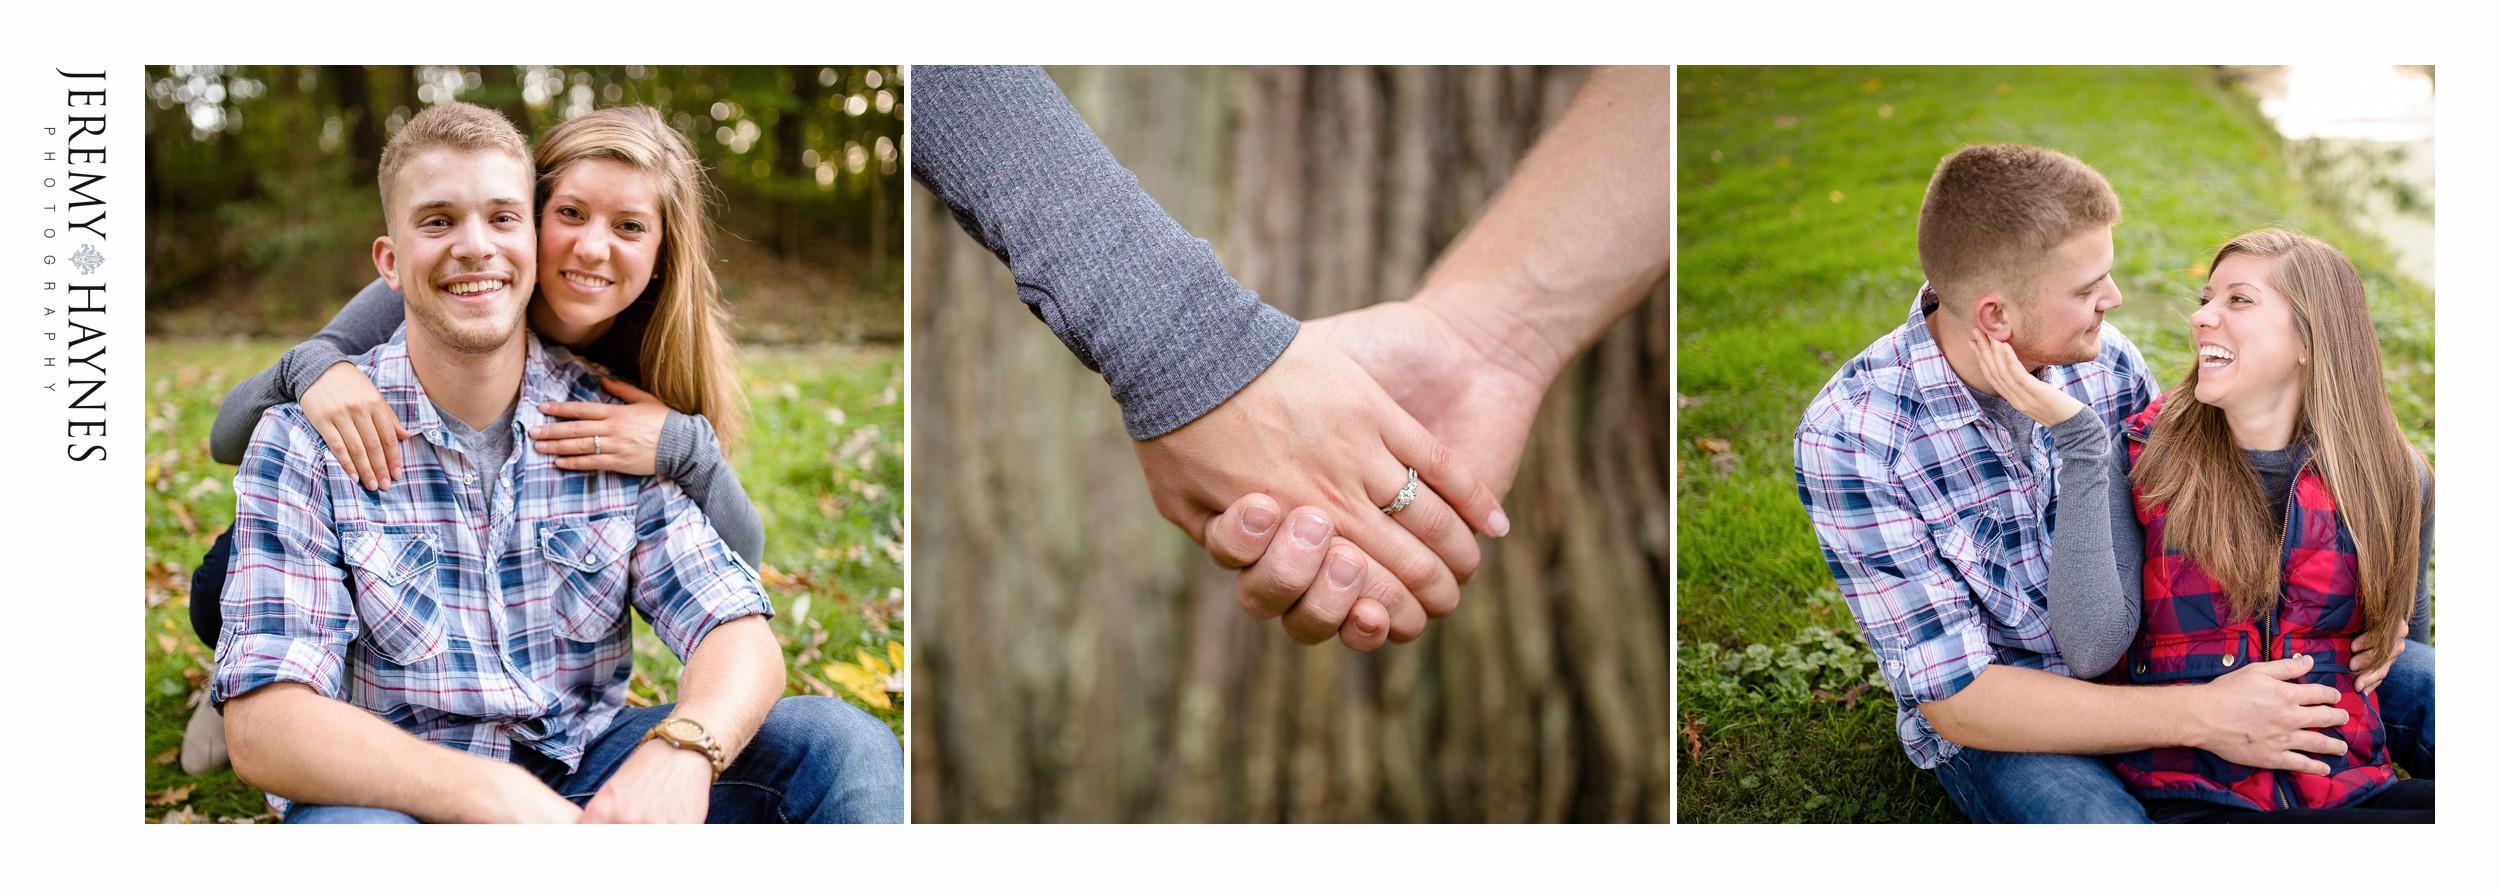 holcomb-garden-engagement-ideas.jpg